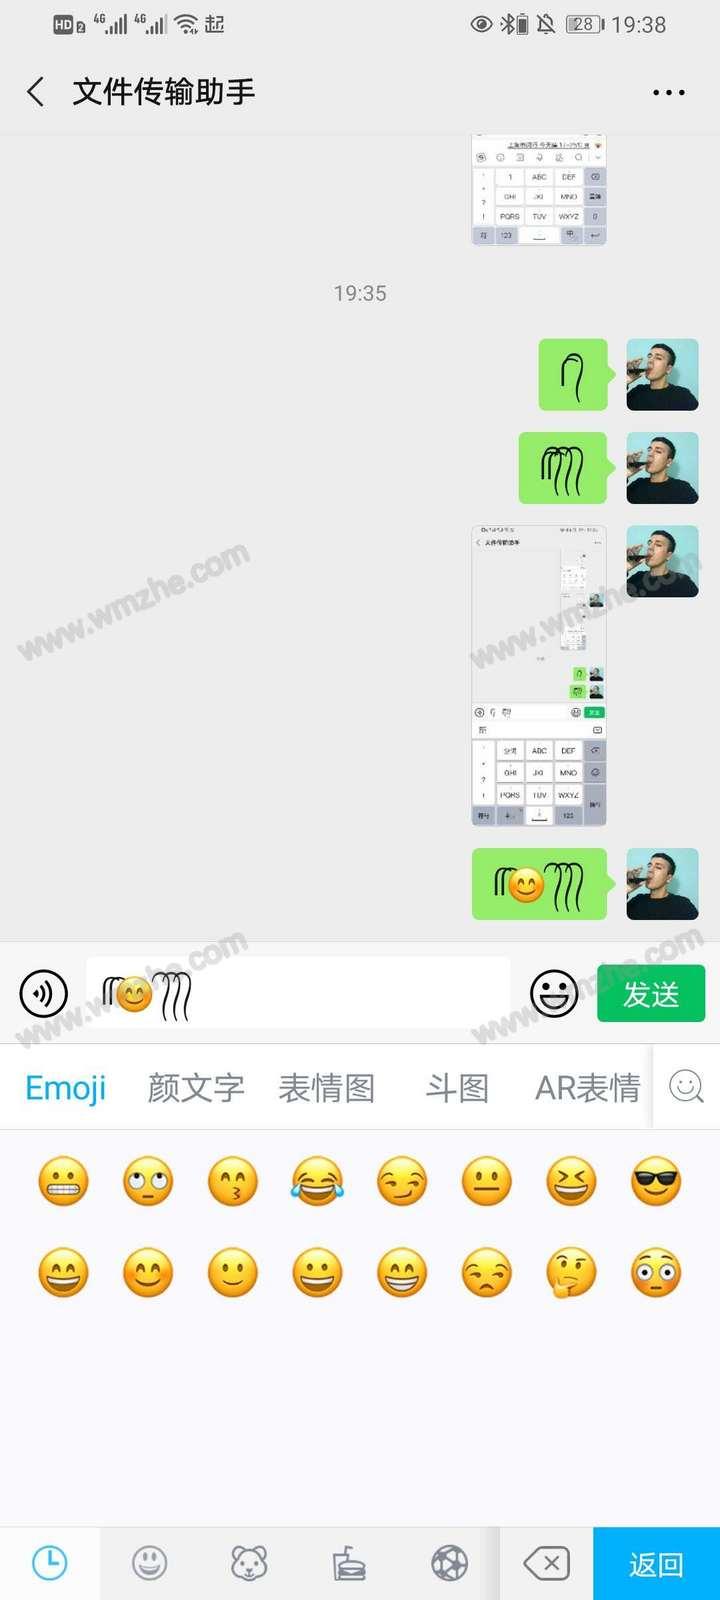 emoji有两根头发表情怎么弄